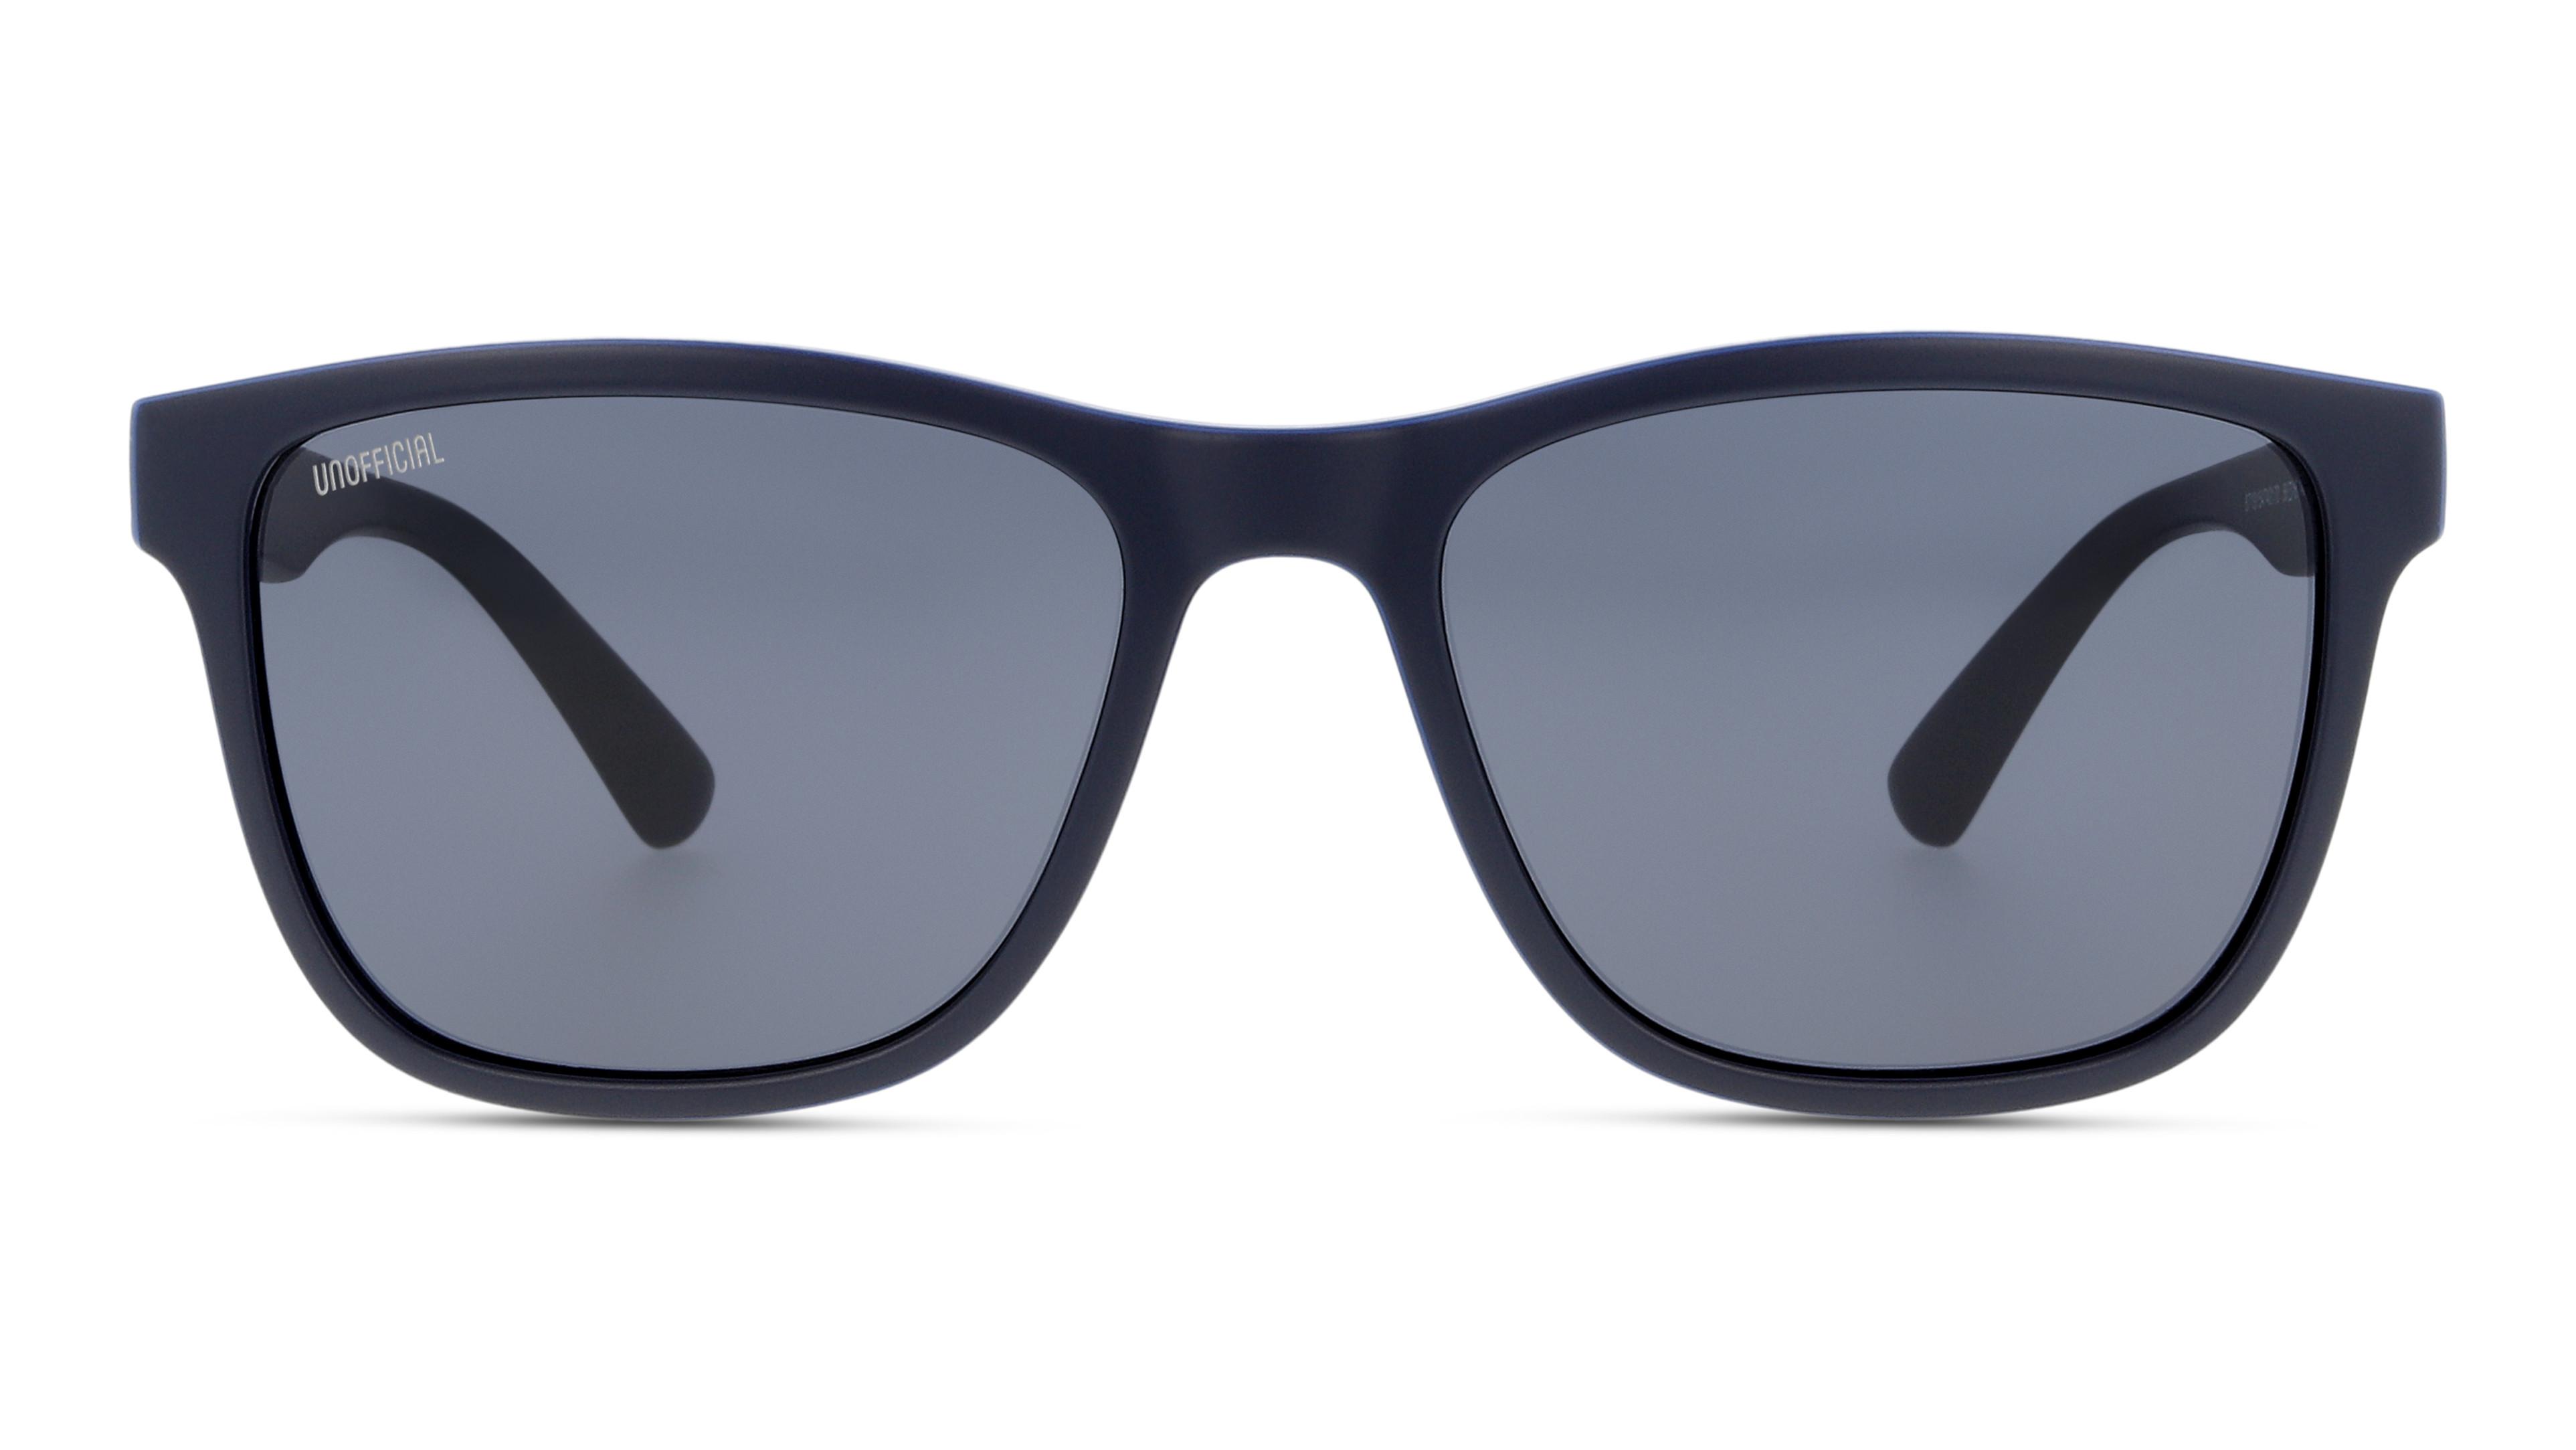 8719154742170-front-01-unofficial-unsm0043-eyewear-navy-blue-blue